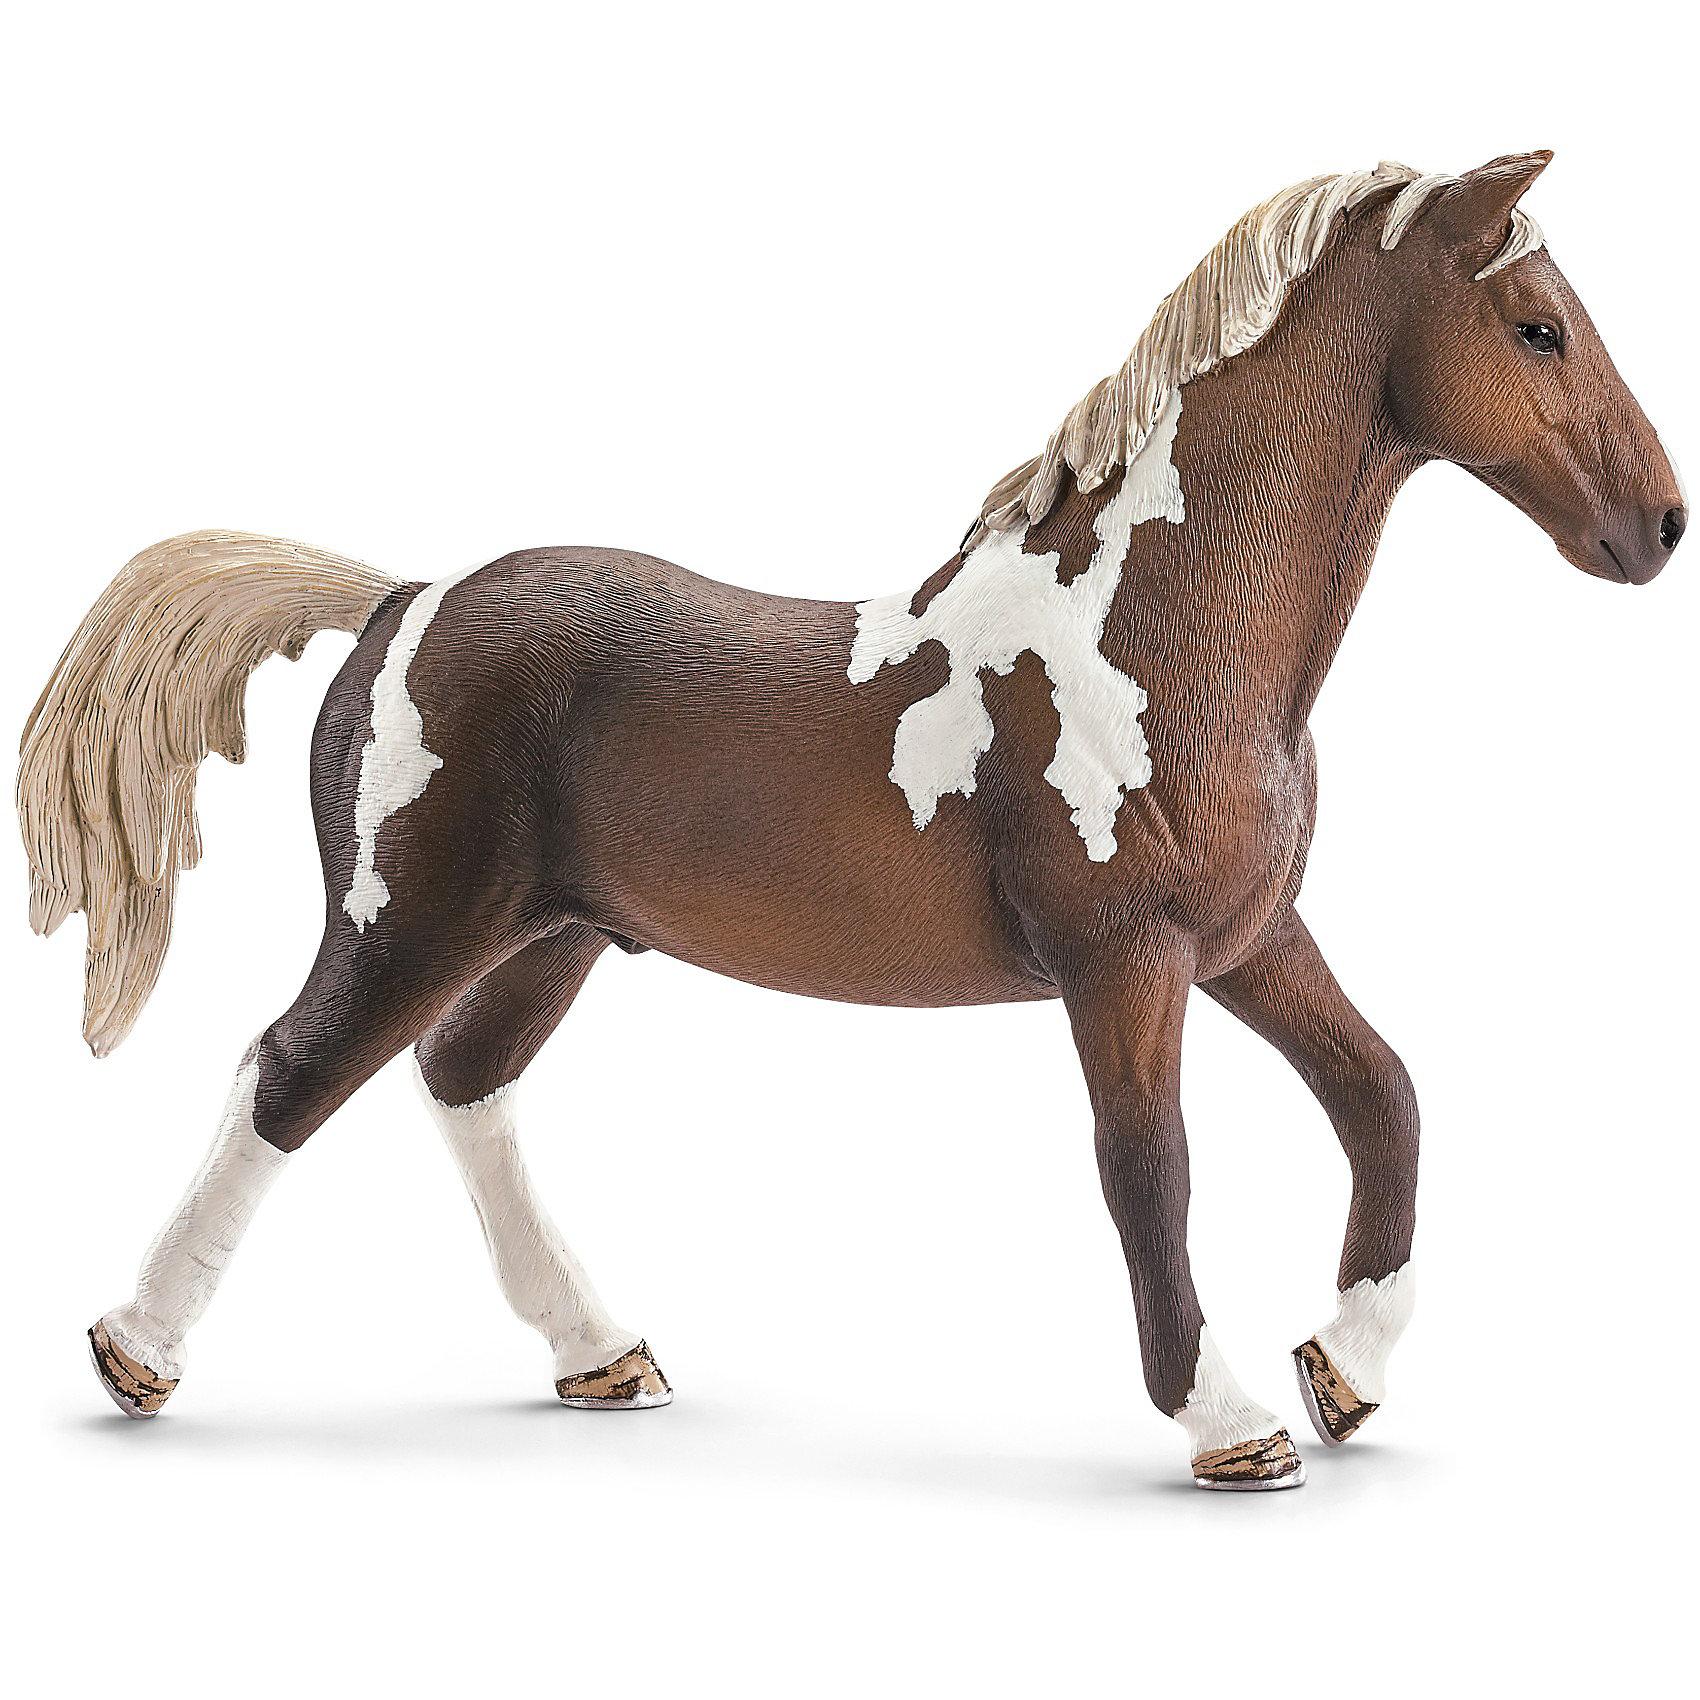 Тракененская лошадь: жеребец, SchleichМир животных<br>Тракененская лошадь: жеребец, Schleich (Шляйх) - коллекционная и игровая фигурка от немецкого производителя Schleich (Шляйх).<br>Великолепная фигурка жеребца Тракененской лошади  разнообразит игру вашего ребенка и станет достойным пополнением его коллекции фигурок от Schleich (Шляйх). Тракененская порода лошадей является чистокровной породой верховой лошади и является настоящим идеалом для современной спортивной езды. Они очень талантливы и легко поддаются дрессировке. Тракененская порода лошадей достигает в высоту 160 см и бывает самых разных расцветок. Все фигурки Schleich (Шляйх) сделаны из гипоаллергенных высокотехнологичных материалов, раскрашены вручную и не вызывают аллергии у ребенка. Прекрасно выполненные фигурки Schleich (Шляйх) отличаются высочайшим качеством игрушек ручной работы. Все они создаются при постоянном сотрудничестве с Берлинским зоопарком, а потому, являются максимально точной копией настоящих животных. Каждая фигурка разработана с учетом исследований в области педагогики и производится как настоящее произведение для маленьких детских ручек.<br><br>Дополнительная информация:<br><br>-Размер фигурки: 3,6 x 15 x 10,9 см.<br>-Вес фигурки: 136 грамм<br>-Материал: каучуковый пластик<br><br>Тракененская лошадь: жеребец, Schleich (Шляйх) - ваш ребенок будет наслаждаться игрой с новой восхитительной игрушкой.<br><br>Фигурку Тракененской лошади: жеребца, Schleich (Шляйх) можно купить в нашем интернет-магазине.<br><br>Ширина мм: 162<br>Глубина мм: 132<br>Высота мм: 35<br>Вес г: 132<br>Возраст от месяцев: 36<br>Возраст до месяцев: 96<br>Пол: Женский<br>Возраст: Детский<br>SKU: 3443126